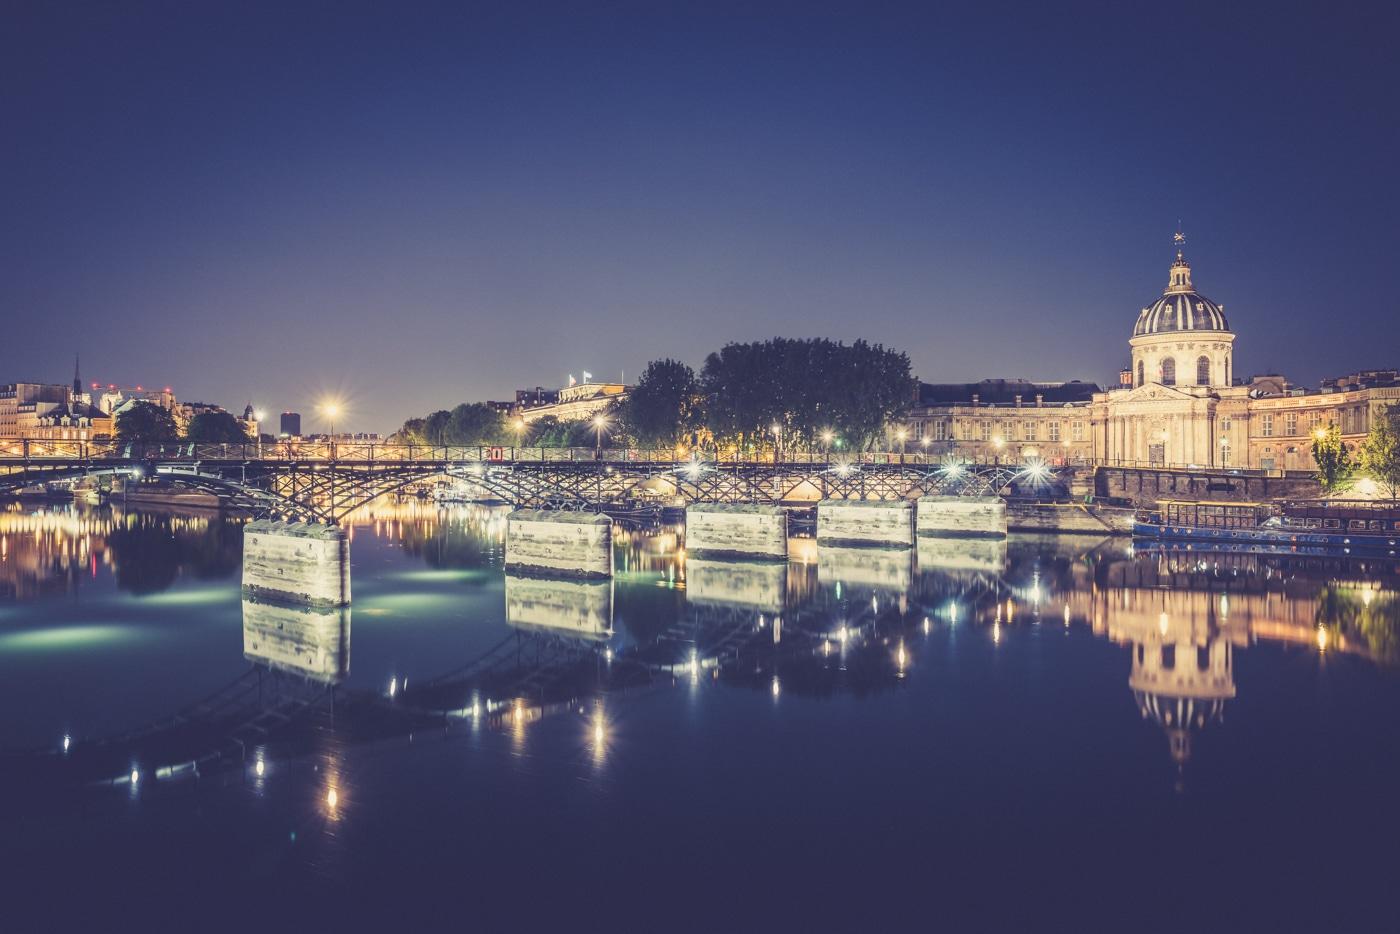 Paris 21H59